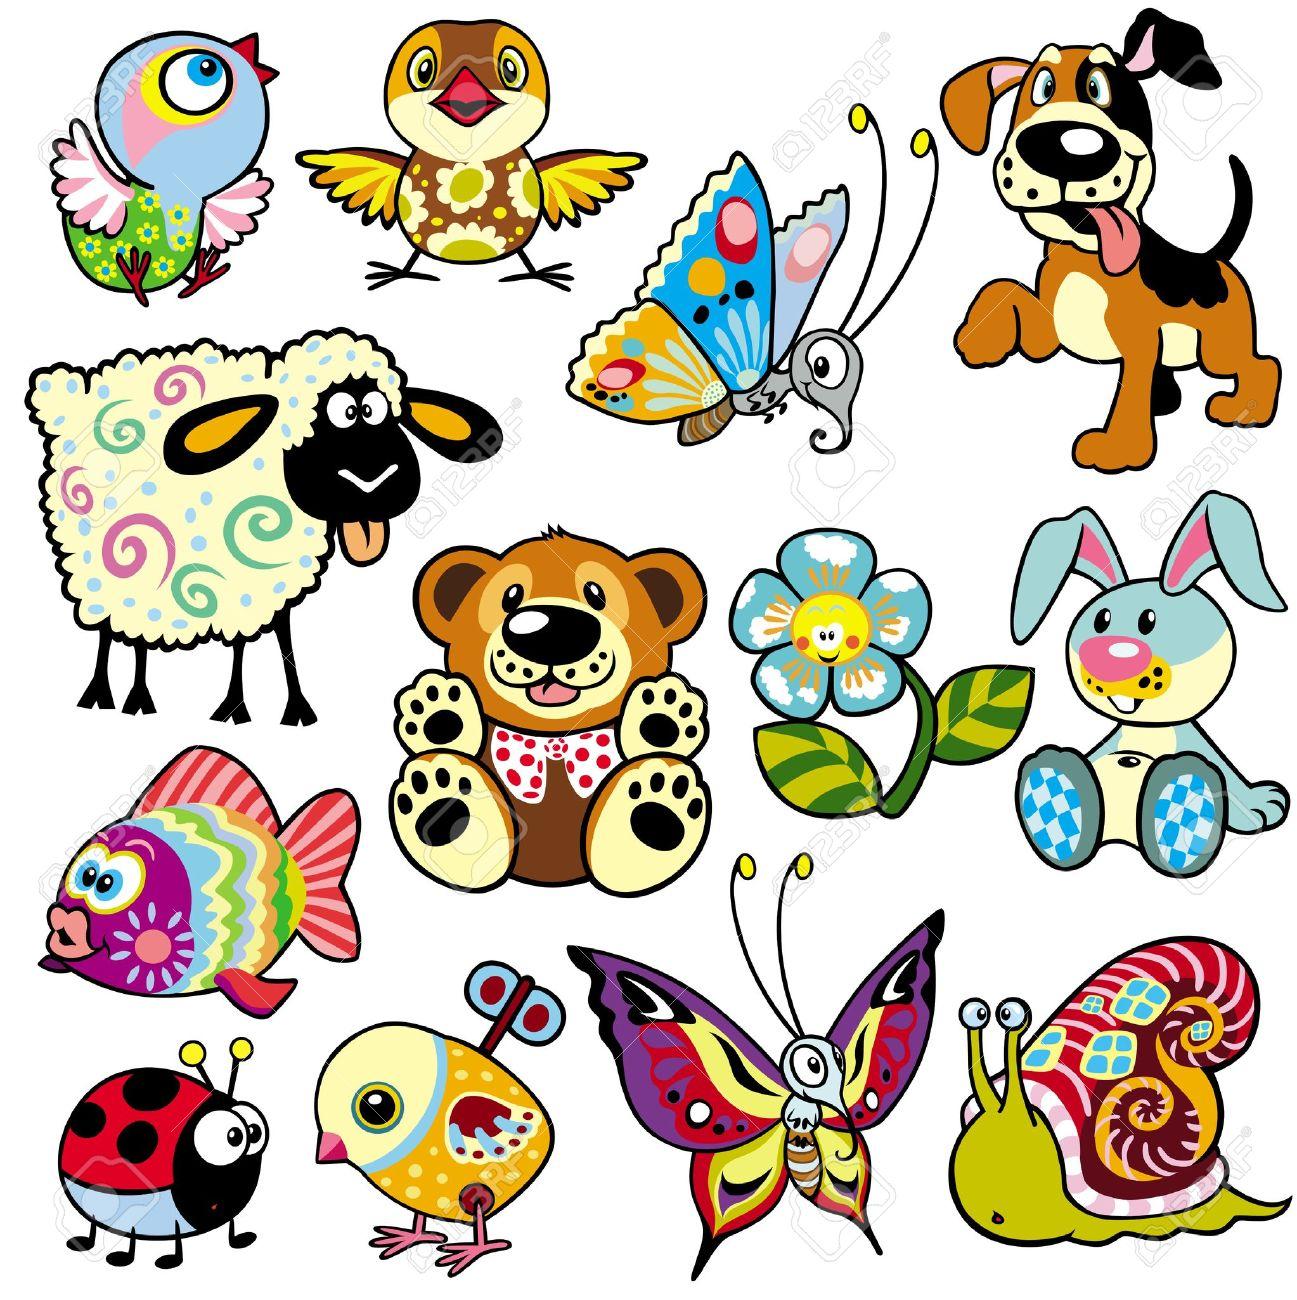 Fantastisch Cartoon Tiere Bilder Für Kinder Zeitgenössisch ...